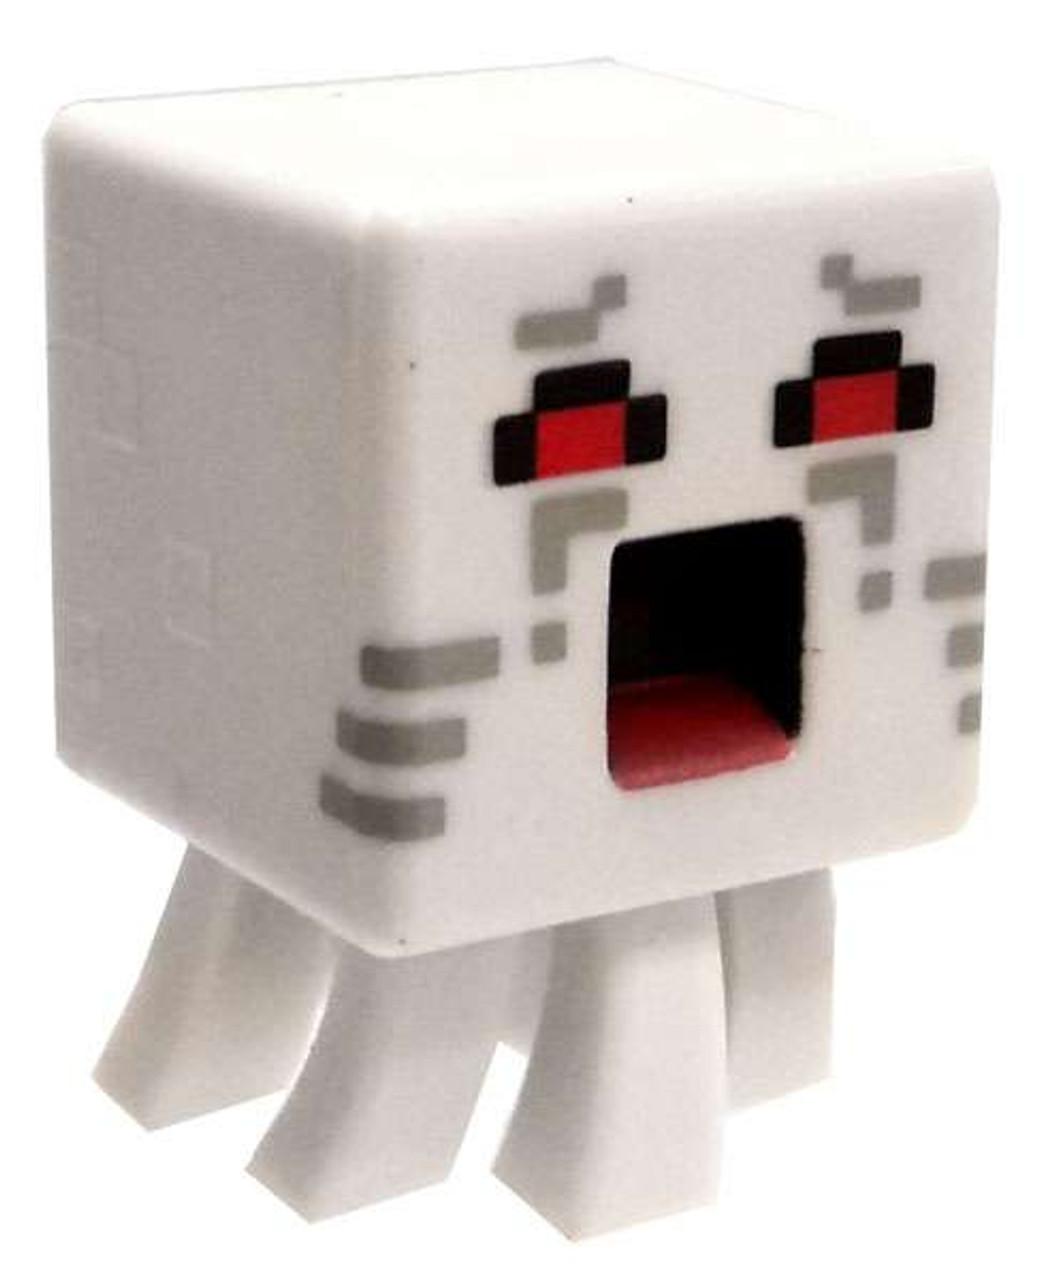 Minecraft Netherrack Series 3 Ghast 1 Mini Figure Loose